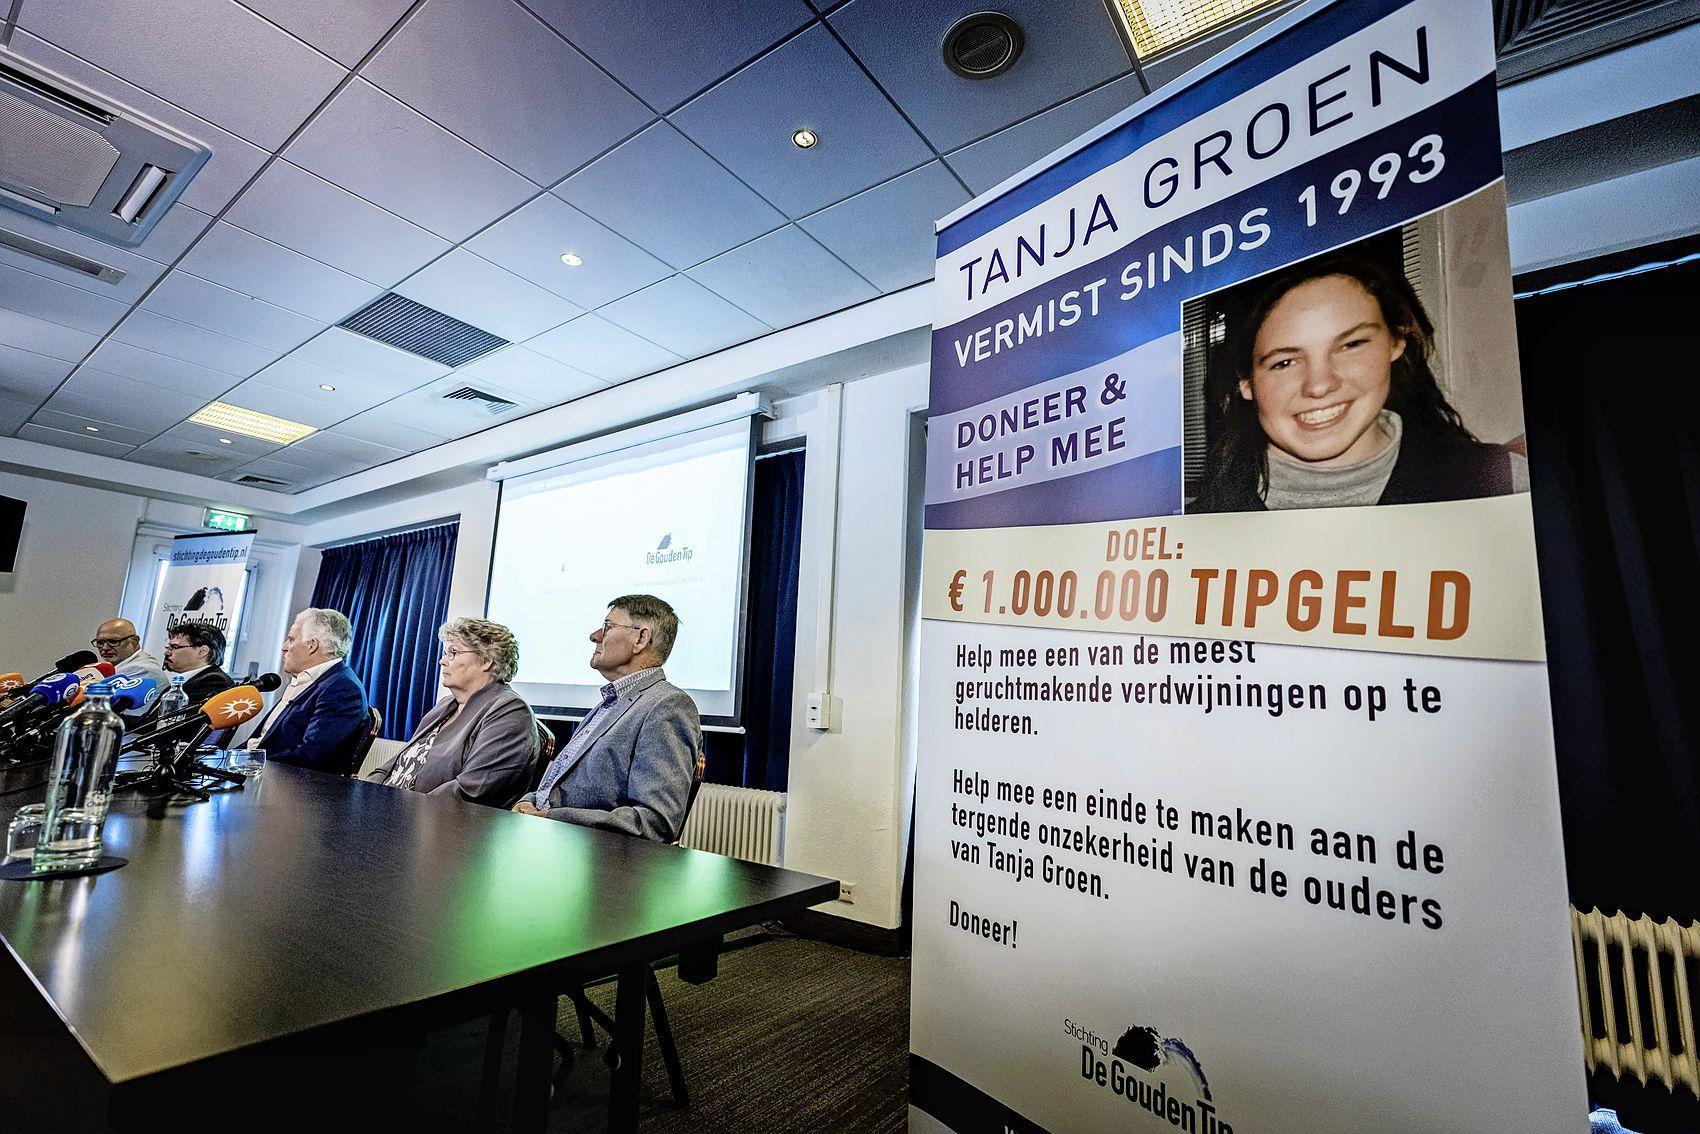 Eerste tips over vermiste Tanja Groen